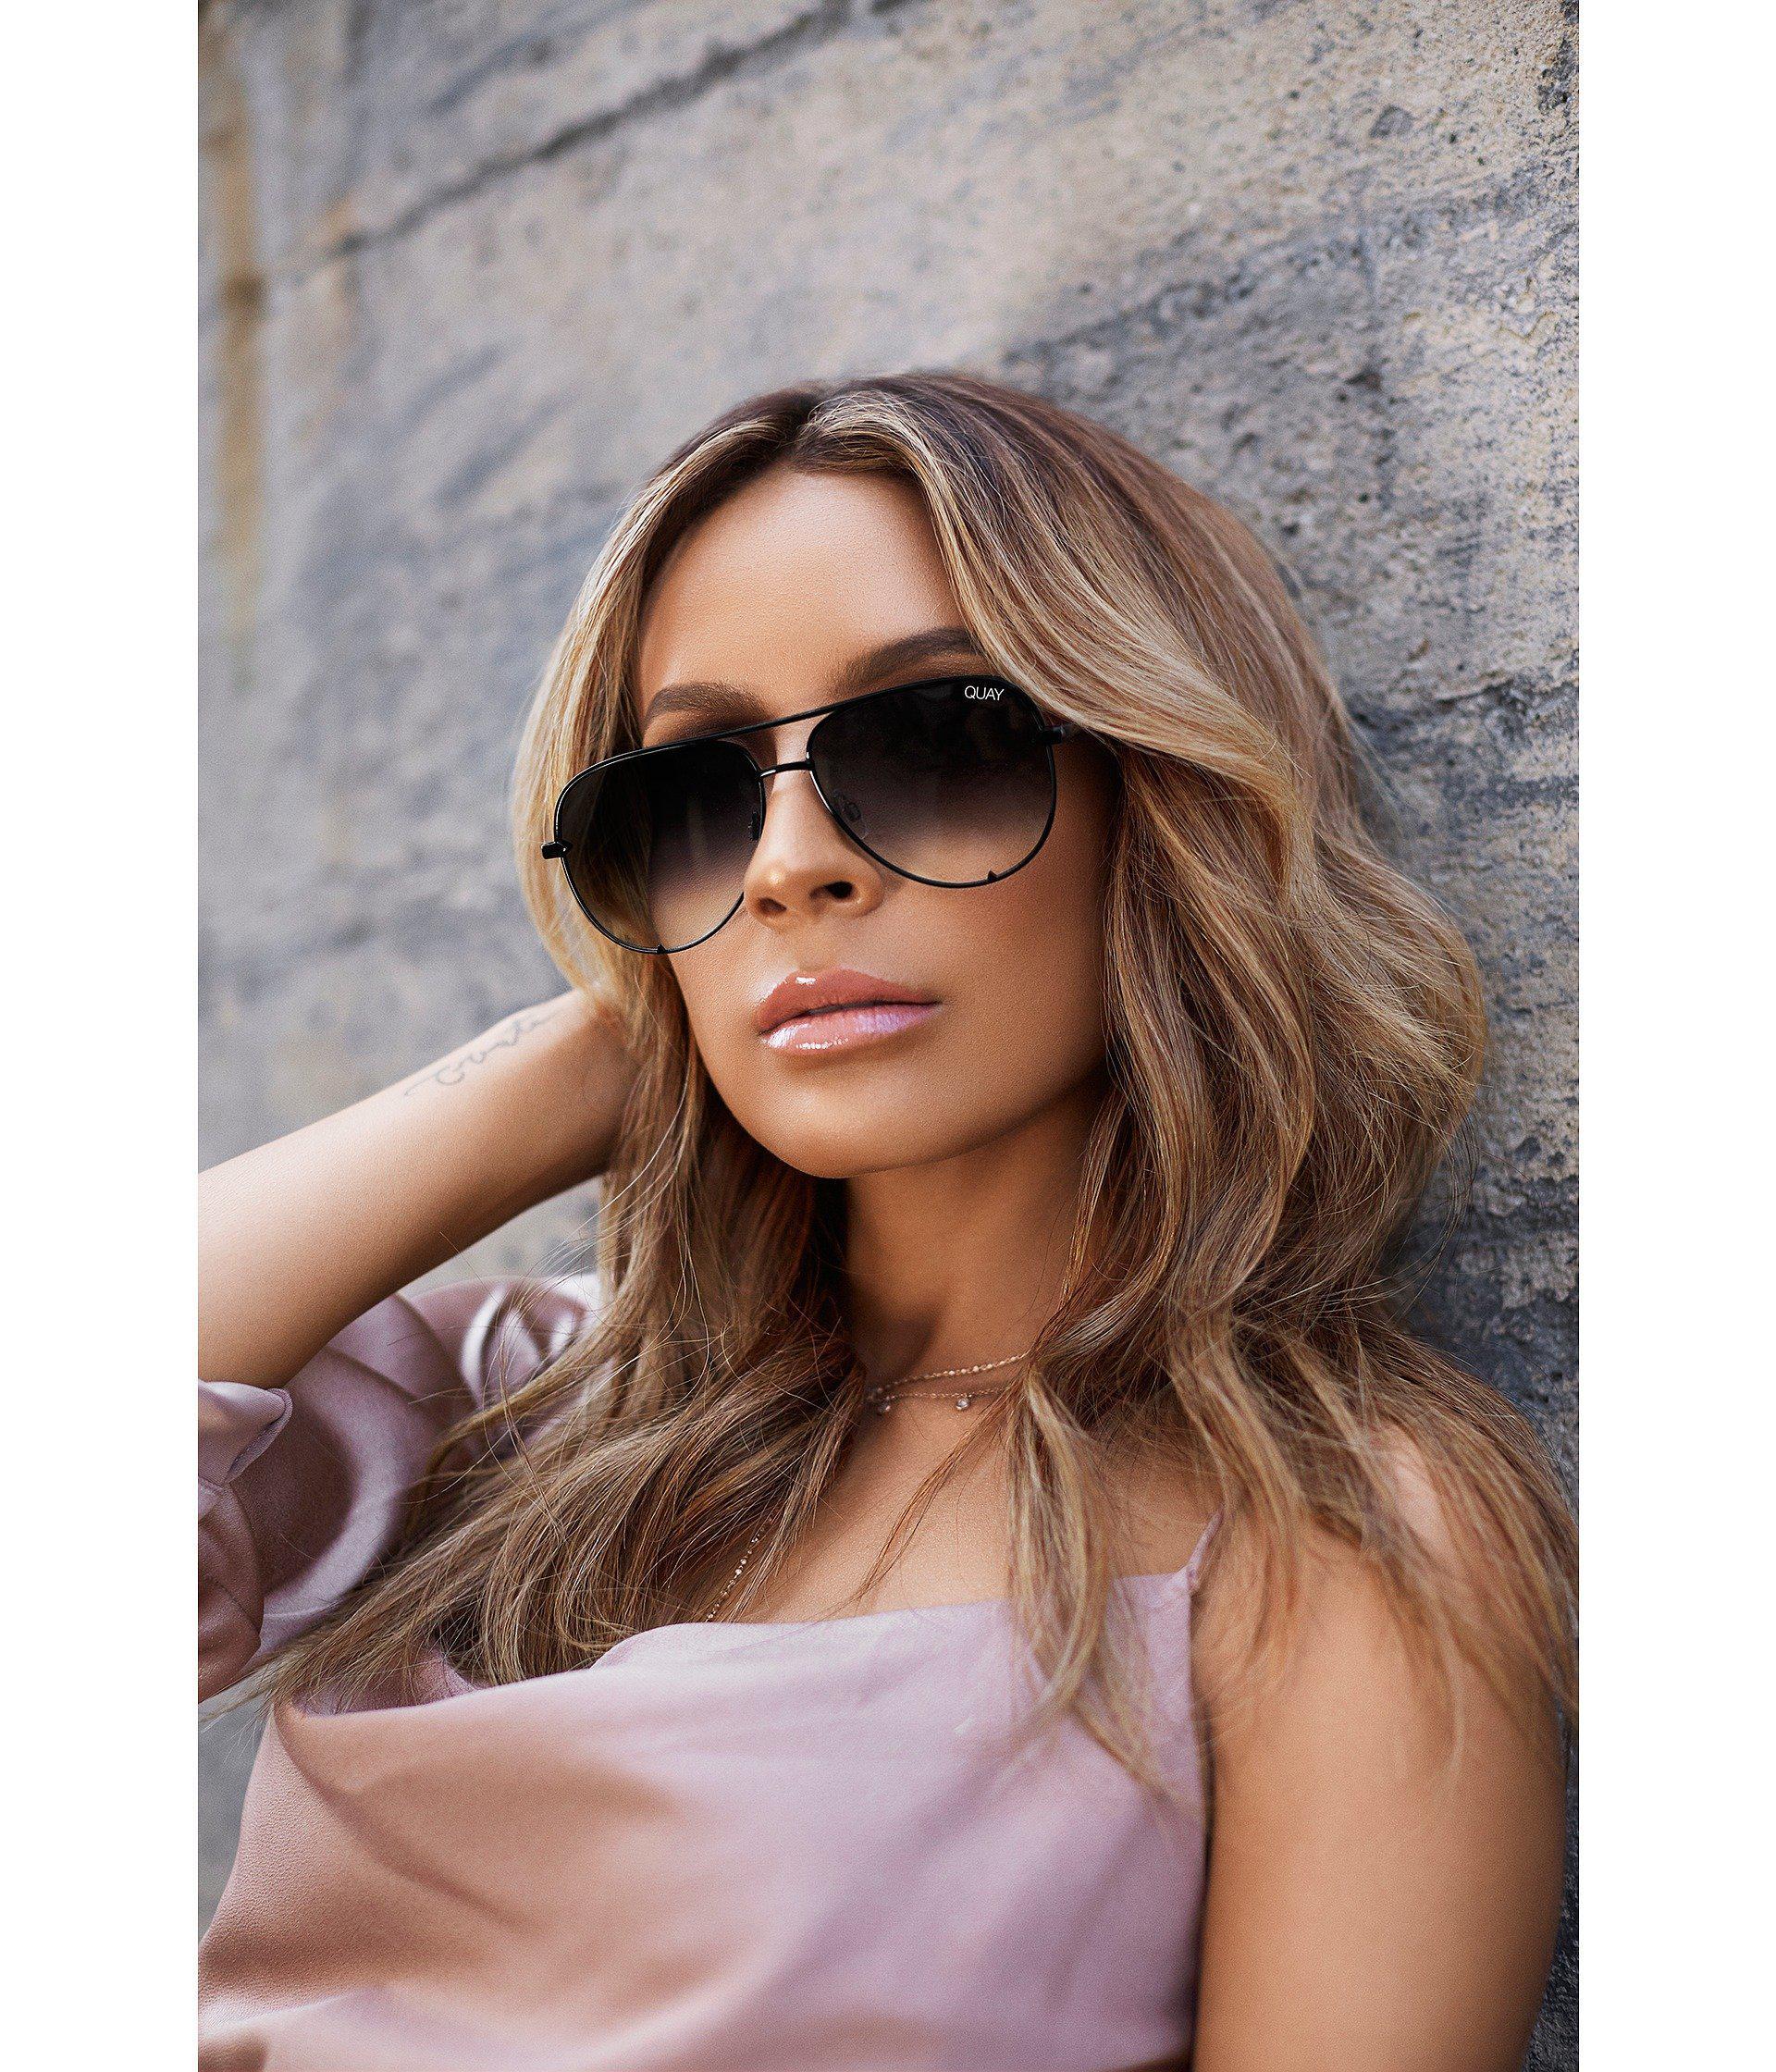 c748337eb66 Quay - High Key Mini Quay X Desi (black silver) Fashion Sunglasses -. View  fullscreen